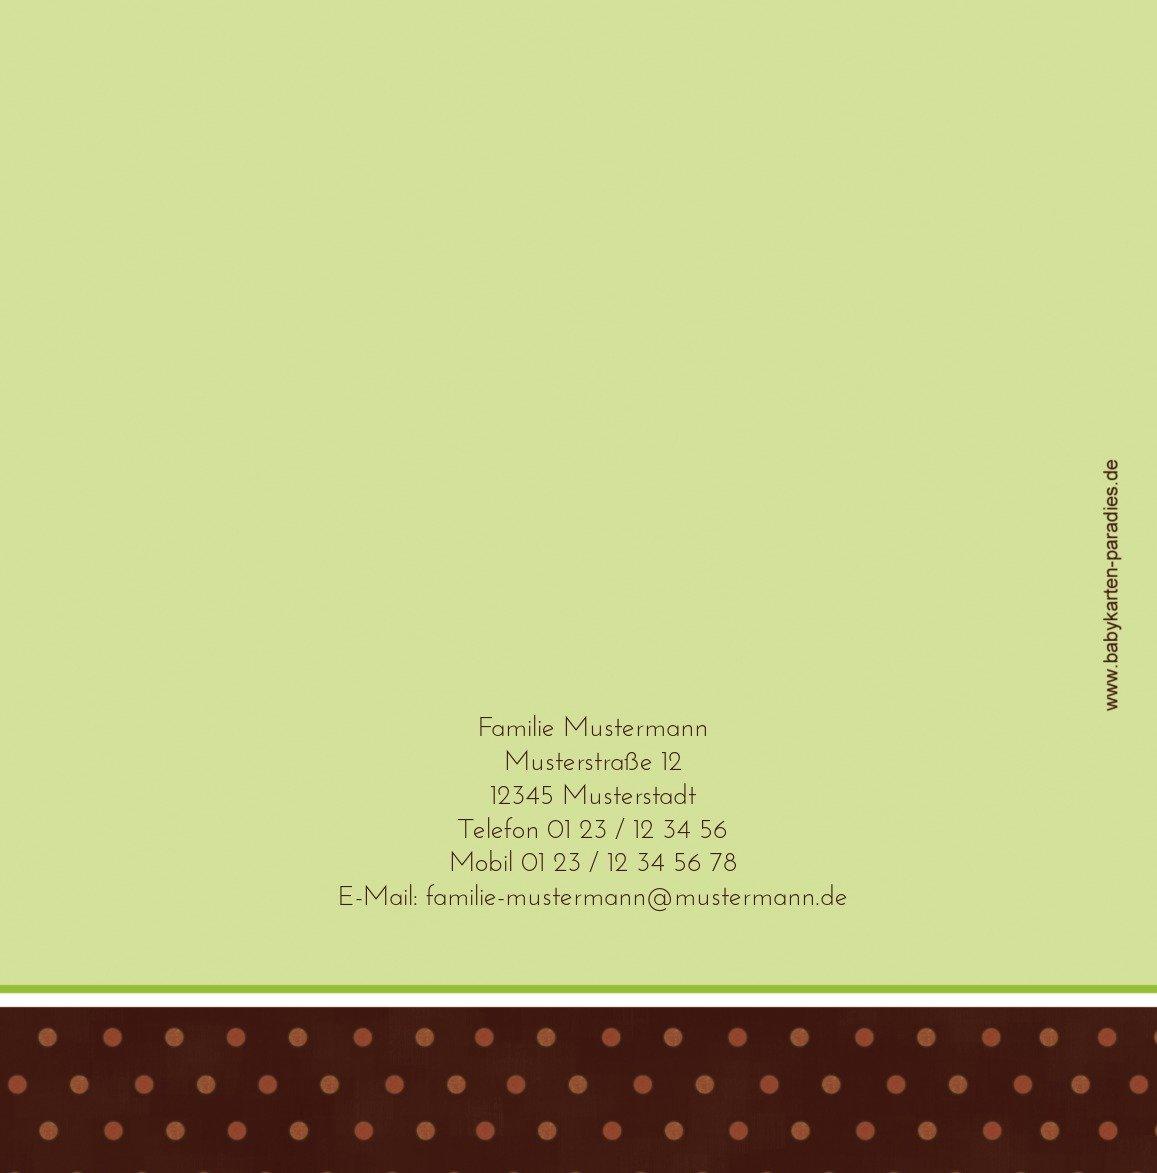 Kartenparadies Einladungskarte zur Kommunion Kommunion Kommunion Kommunionskarte Kreuzhostie, hochwertige Einladung als Kommunionskarte inklusive Umschläge   10 Karten - (Format  145x145 mm) Farbe  MattGrün B01N9XFFX2   Zart    Verrückte Preis    Hochwertige Prod 476715